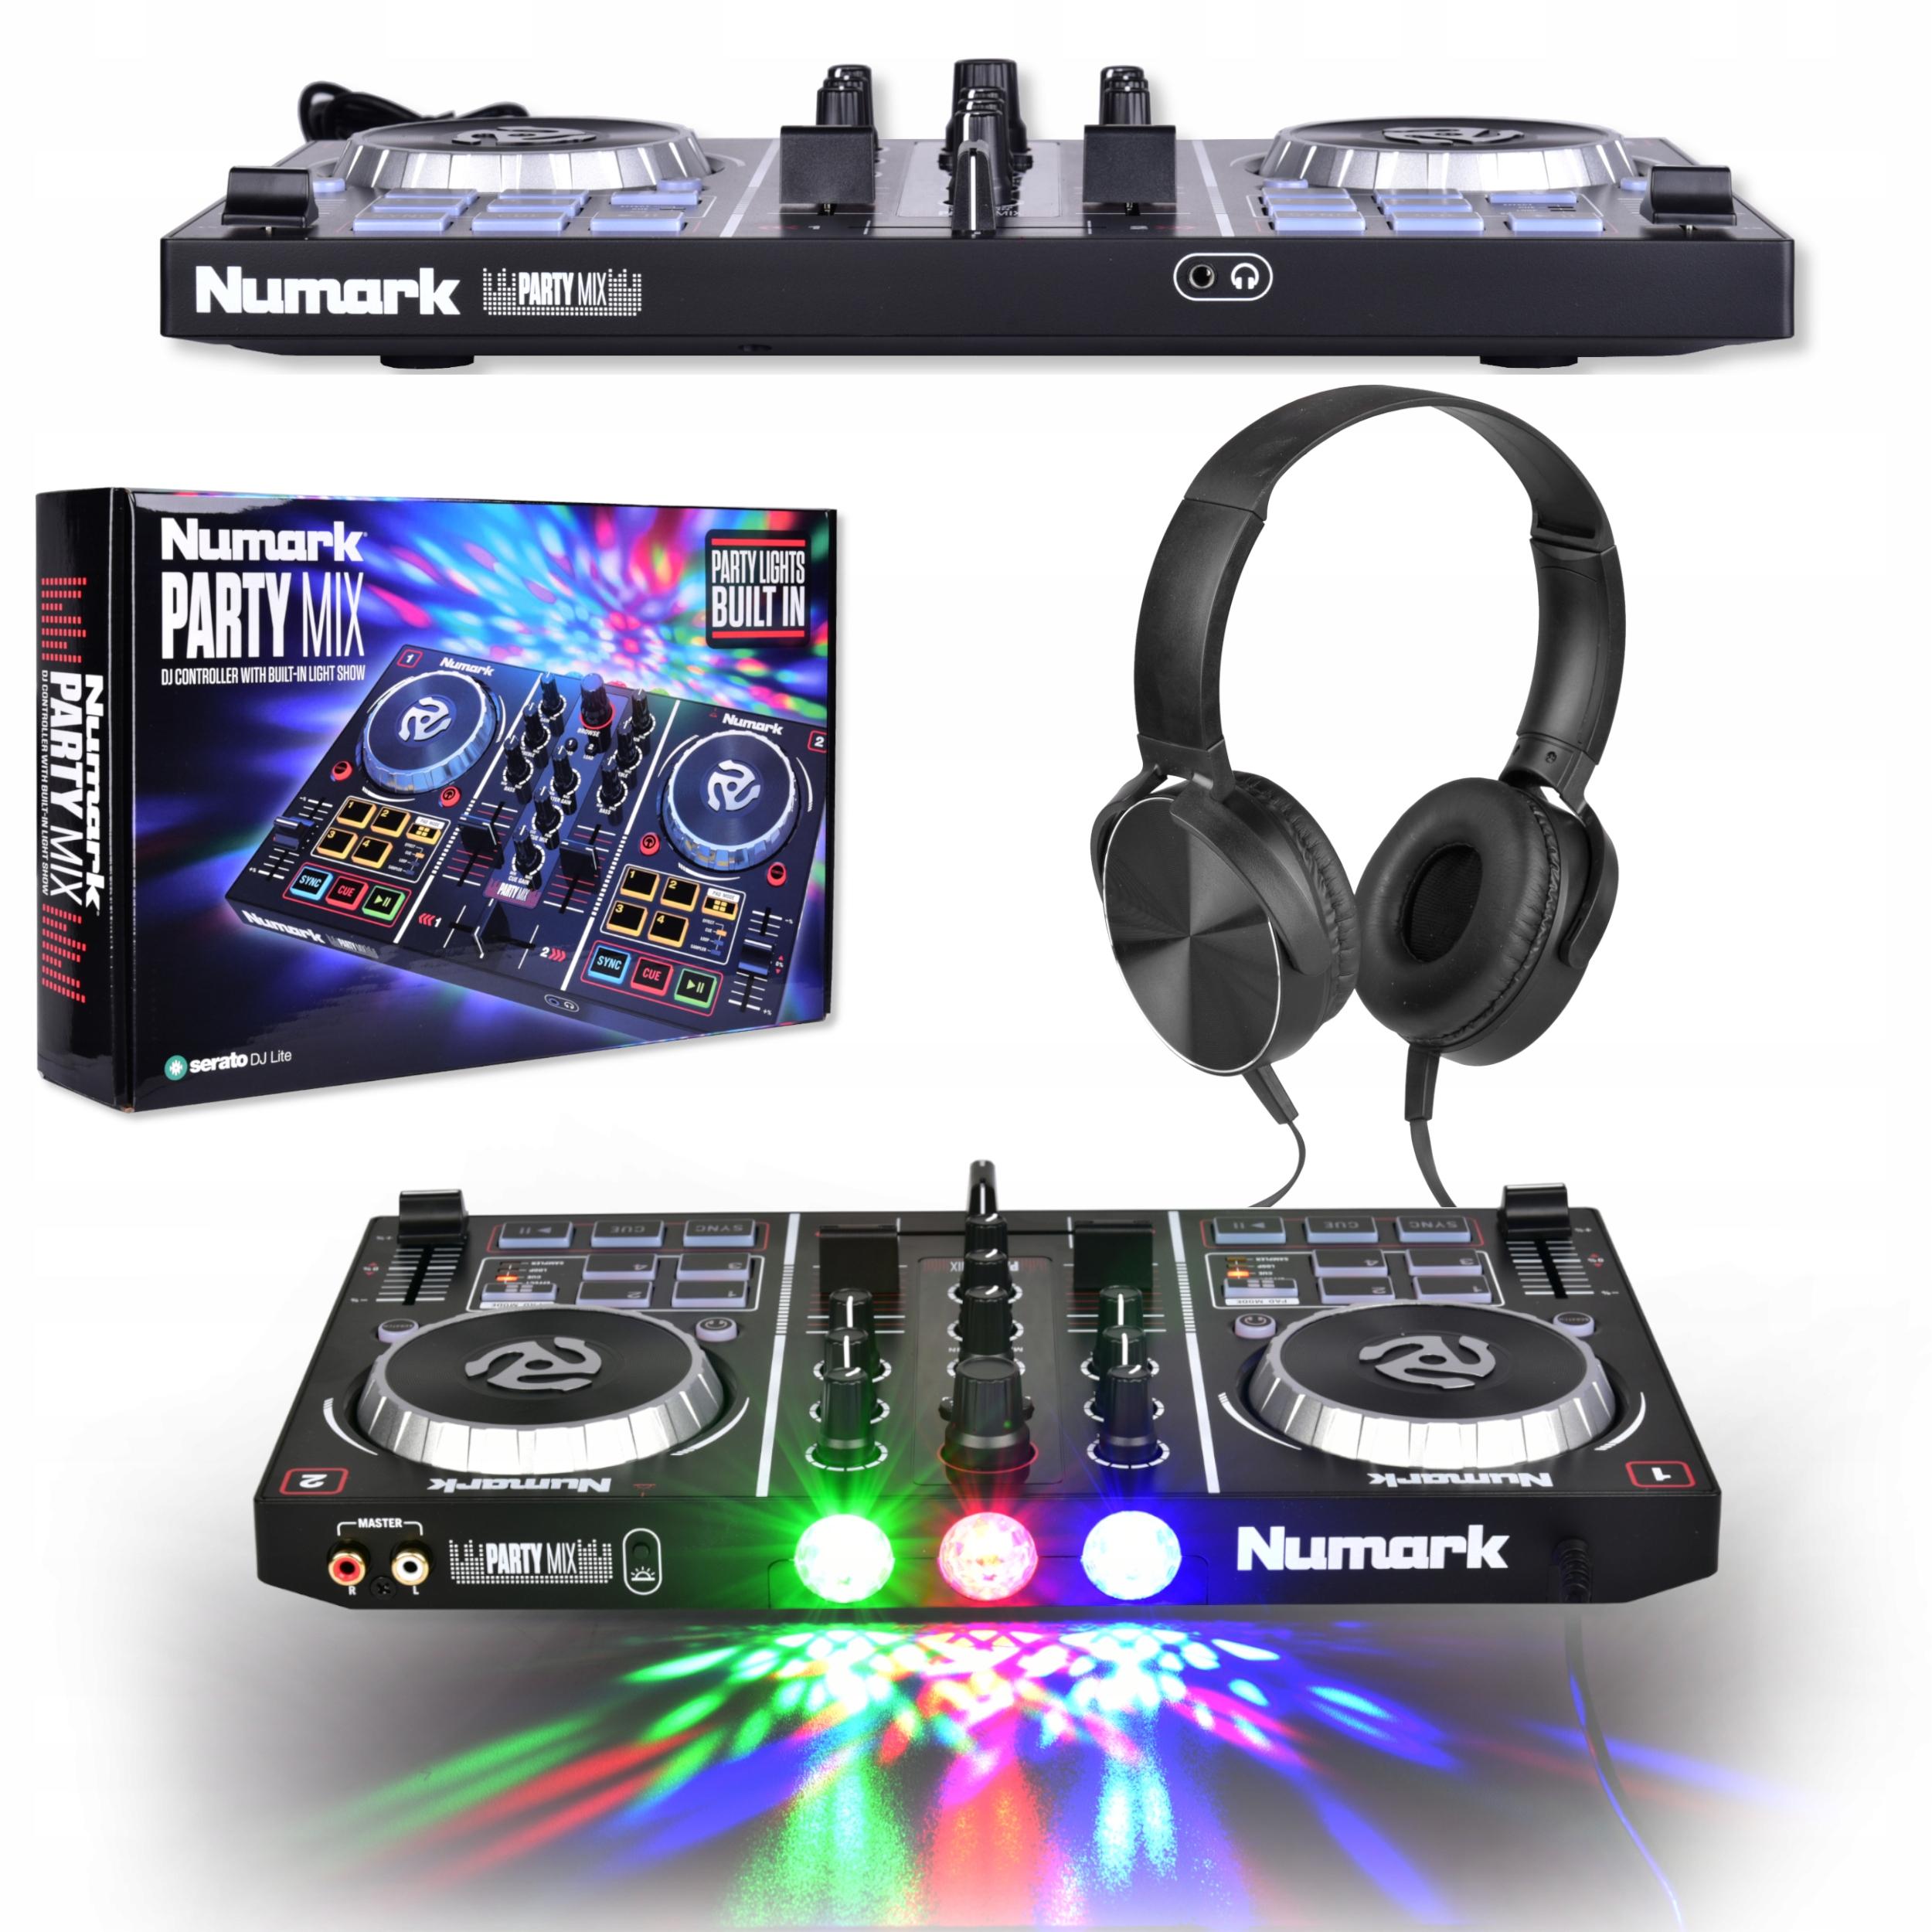 Item PARTY MIX NUMARK DJ CONTROLLER MIXER + HEADPHONES